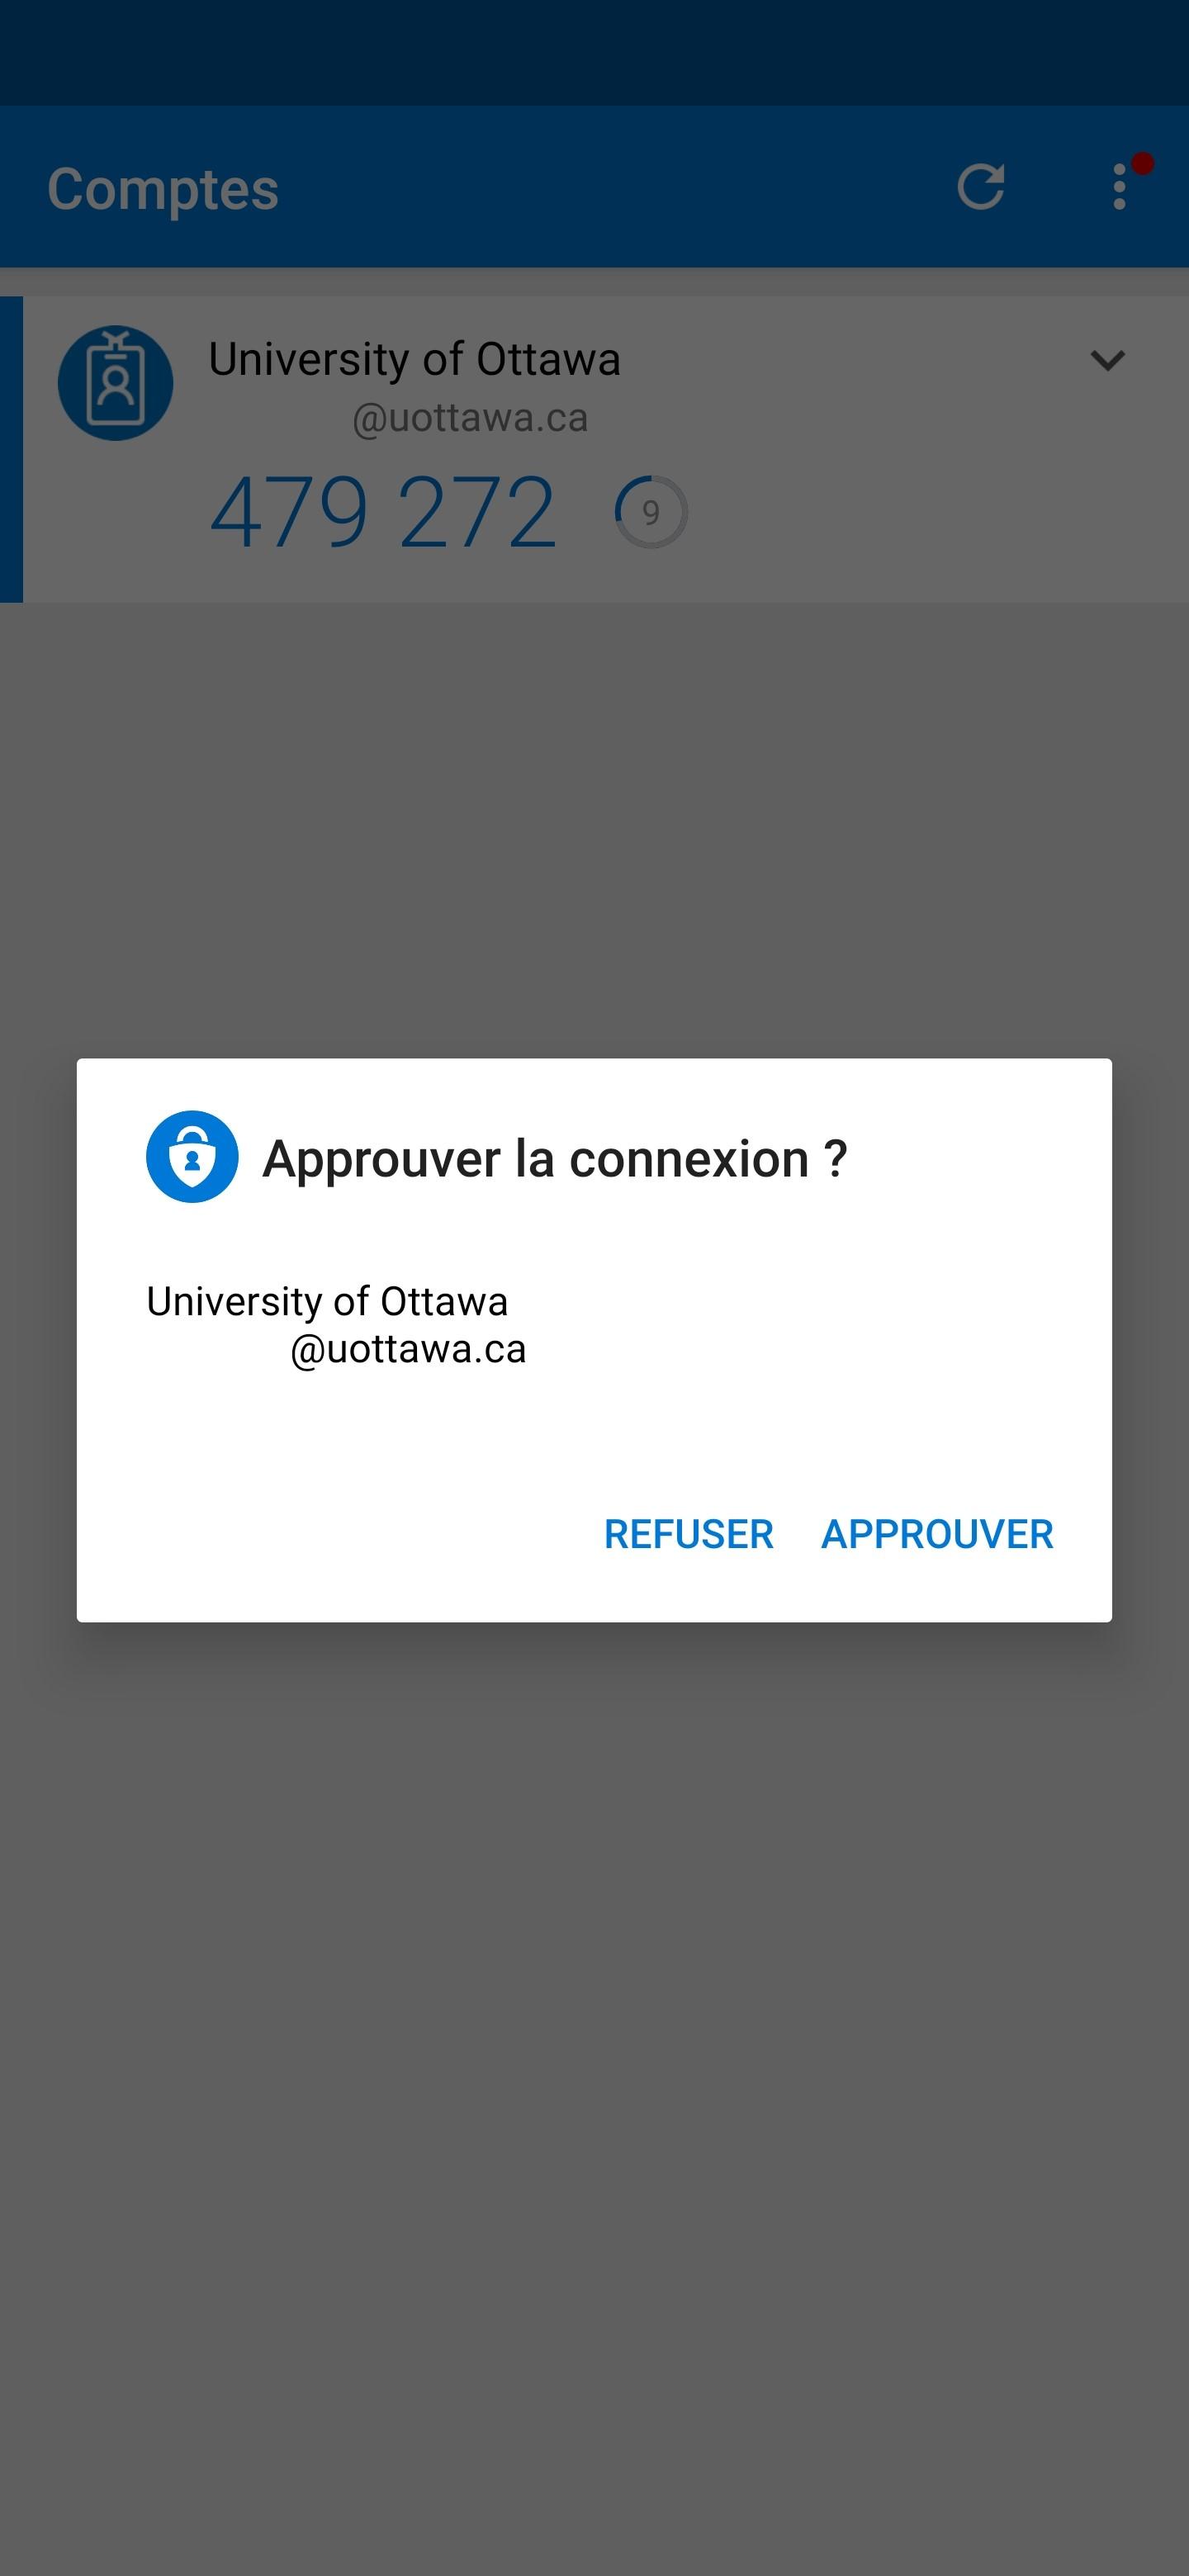 capture d'écran de l'application Authenticator sur téléphone mobile